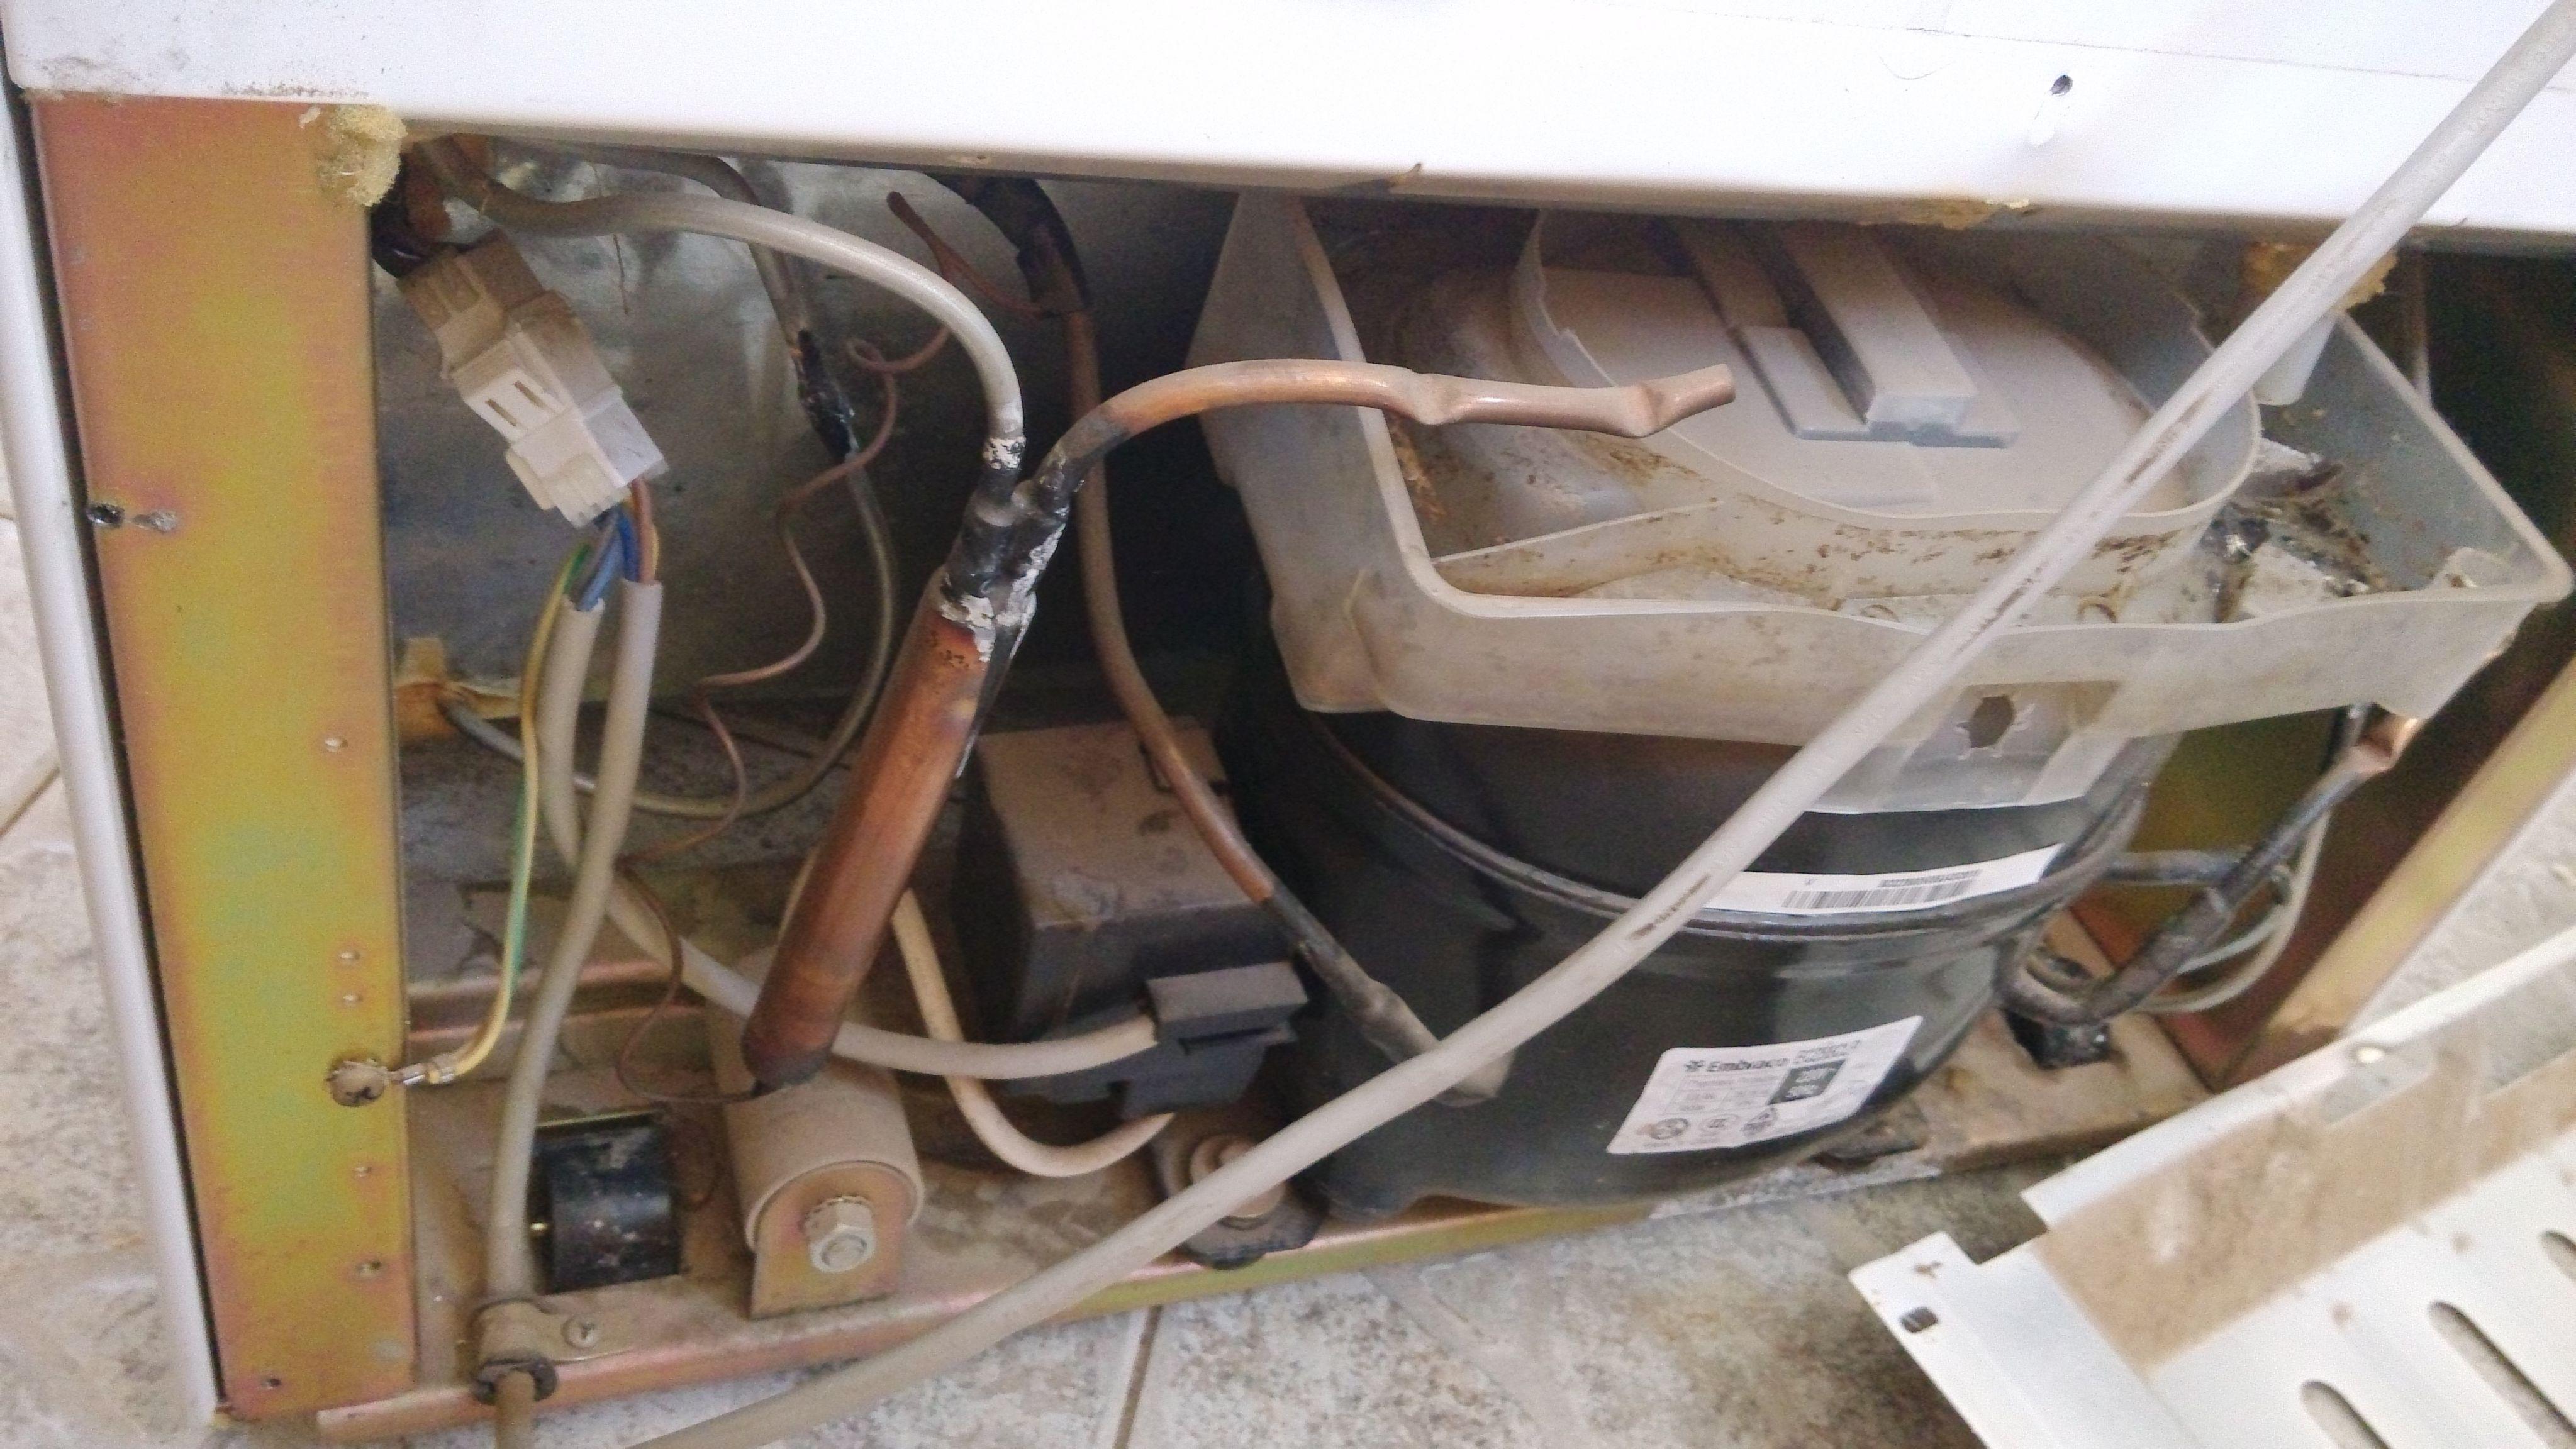 电箱越级跳闸很多老电工都不知道为什么  越级跳闸原因及处理